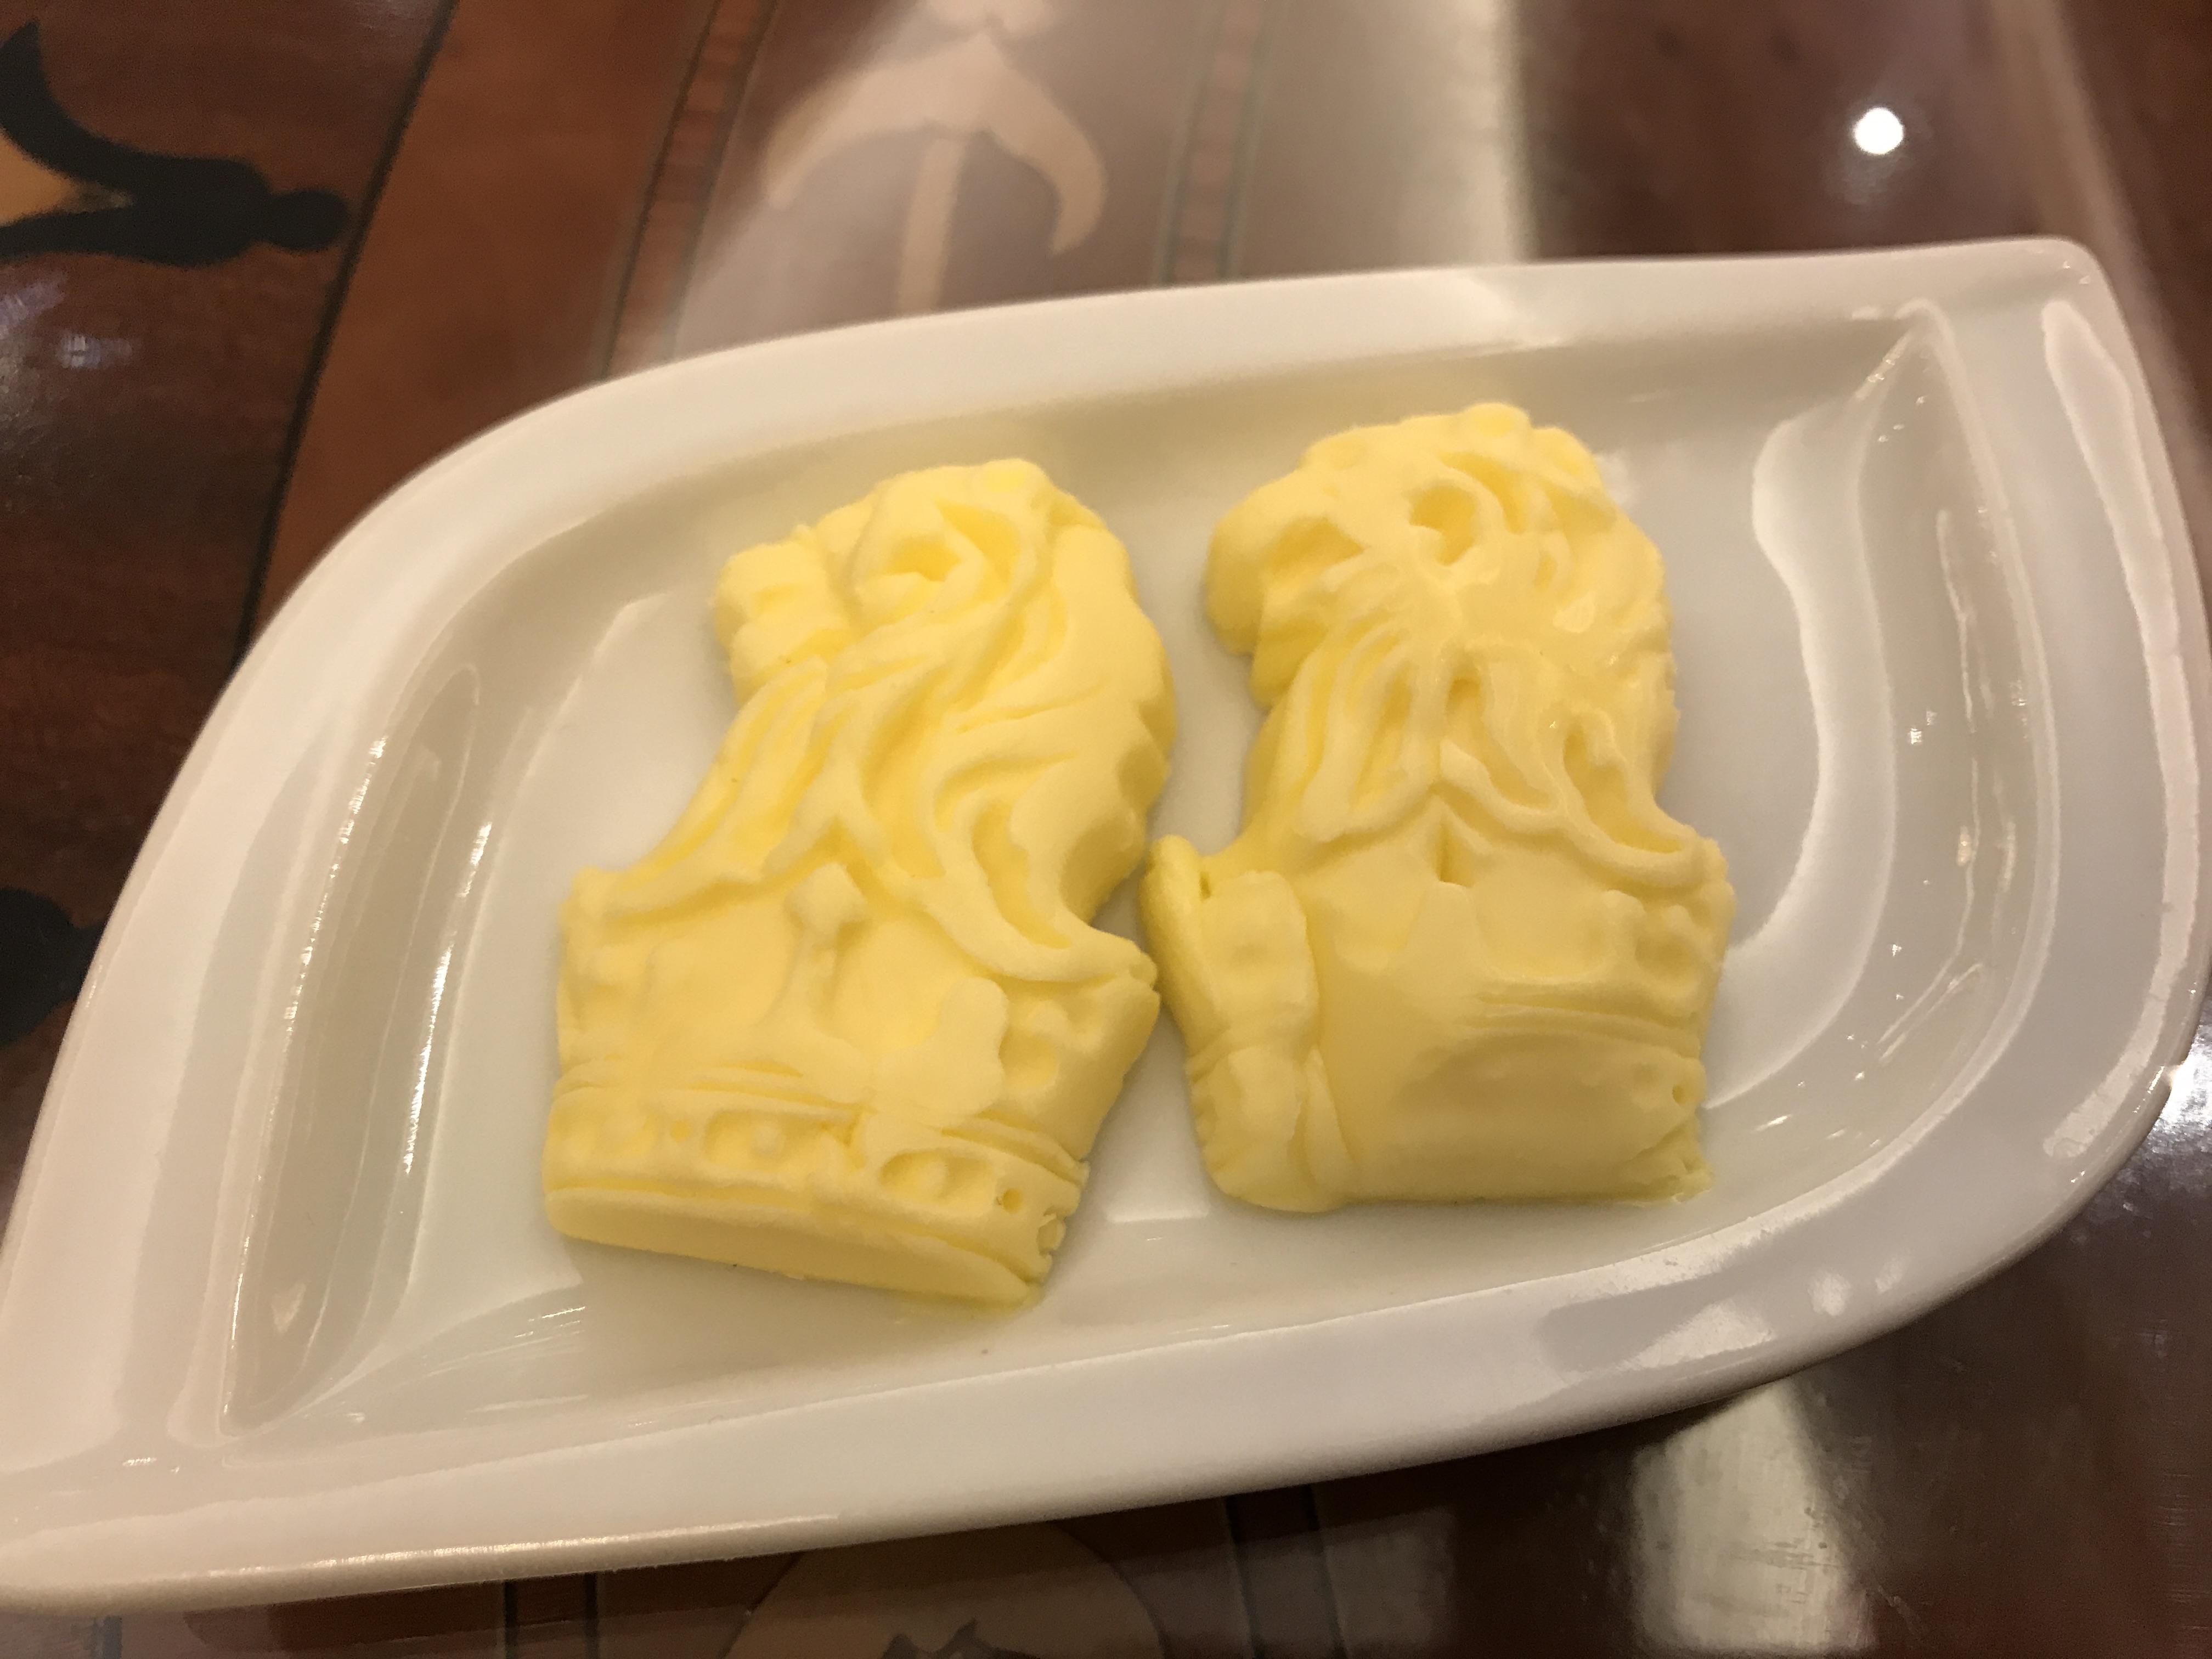 The Ritz-Carlton Riyadh Butter